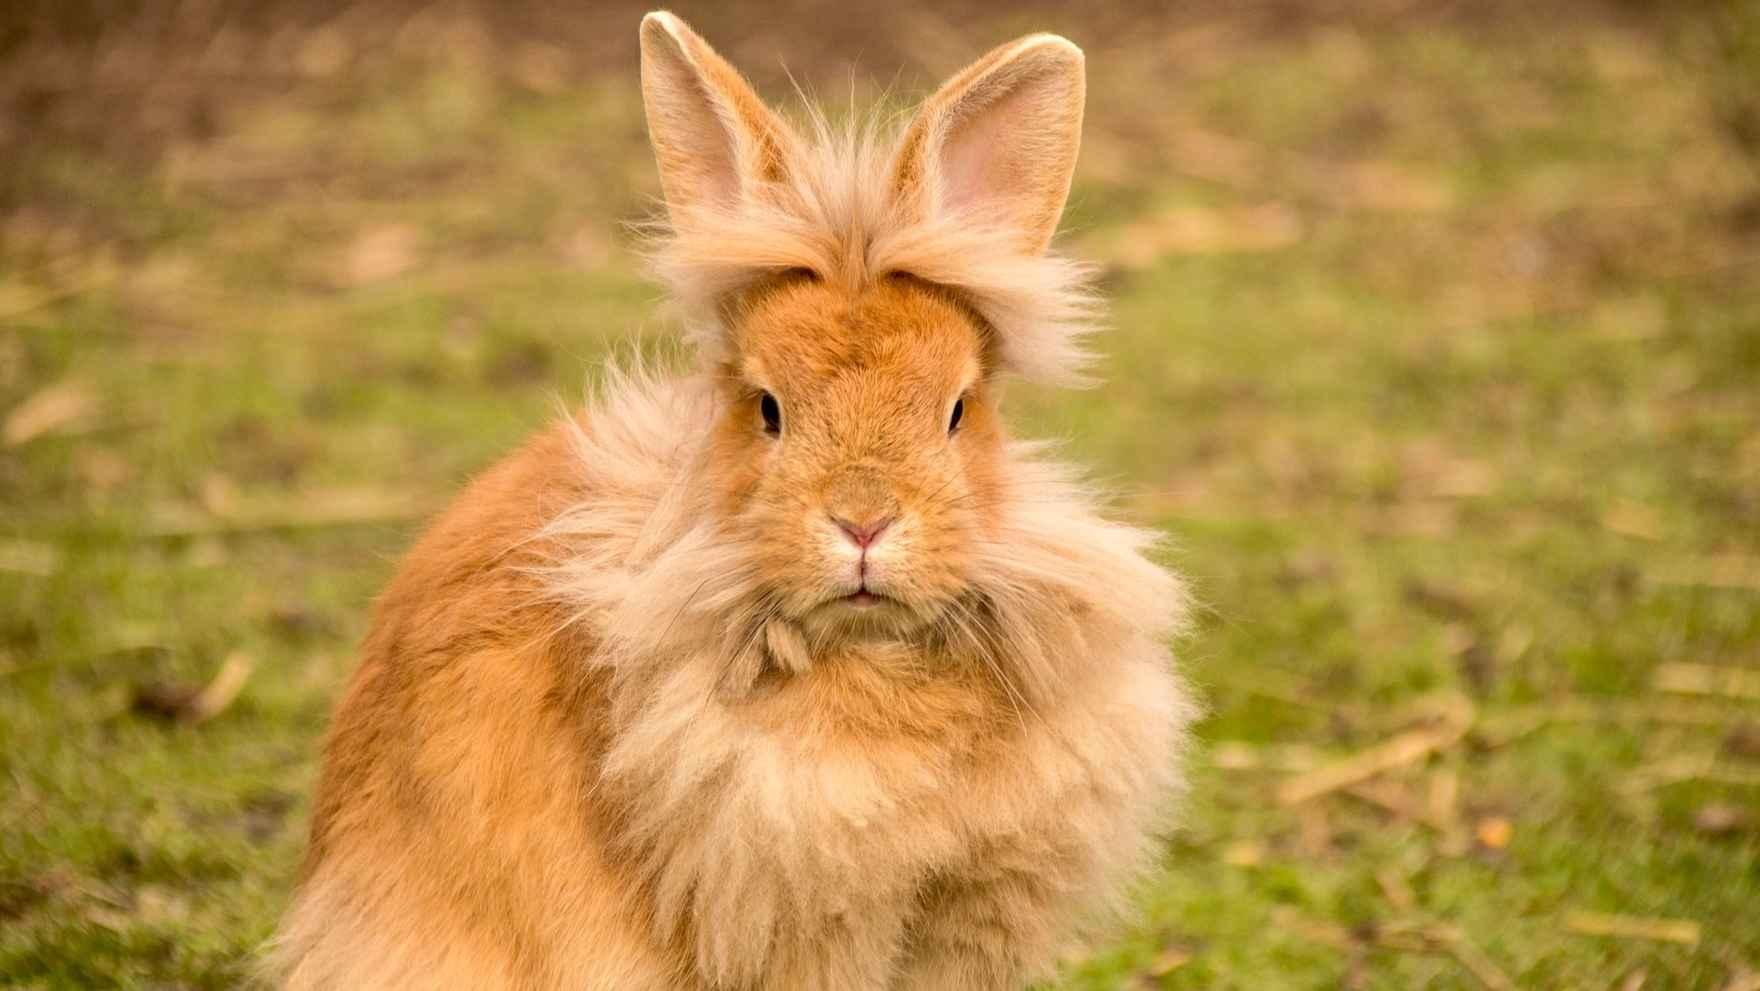 hare-2218452_1920-edited